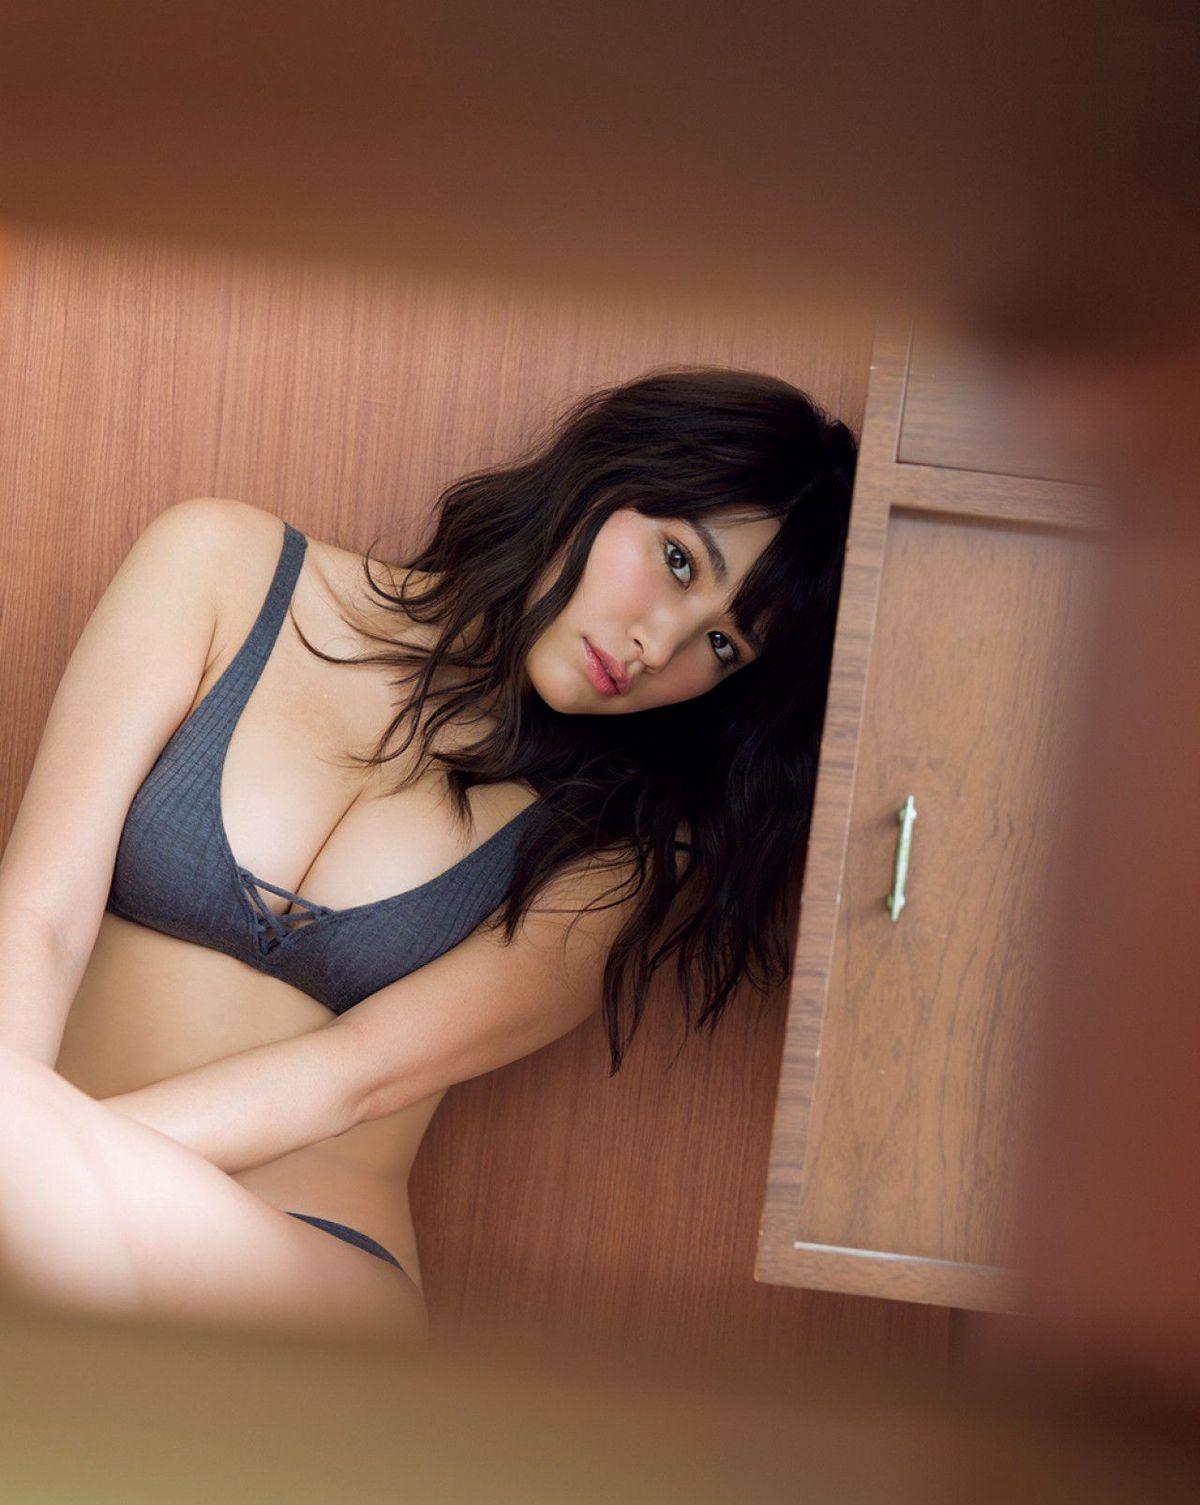 [FRIDAY] 久松郁実 《とっておきの秘蔵SEXY+憧れの女神と密室でふたりきり》写真1